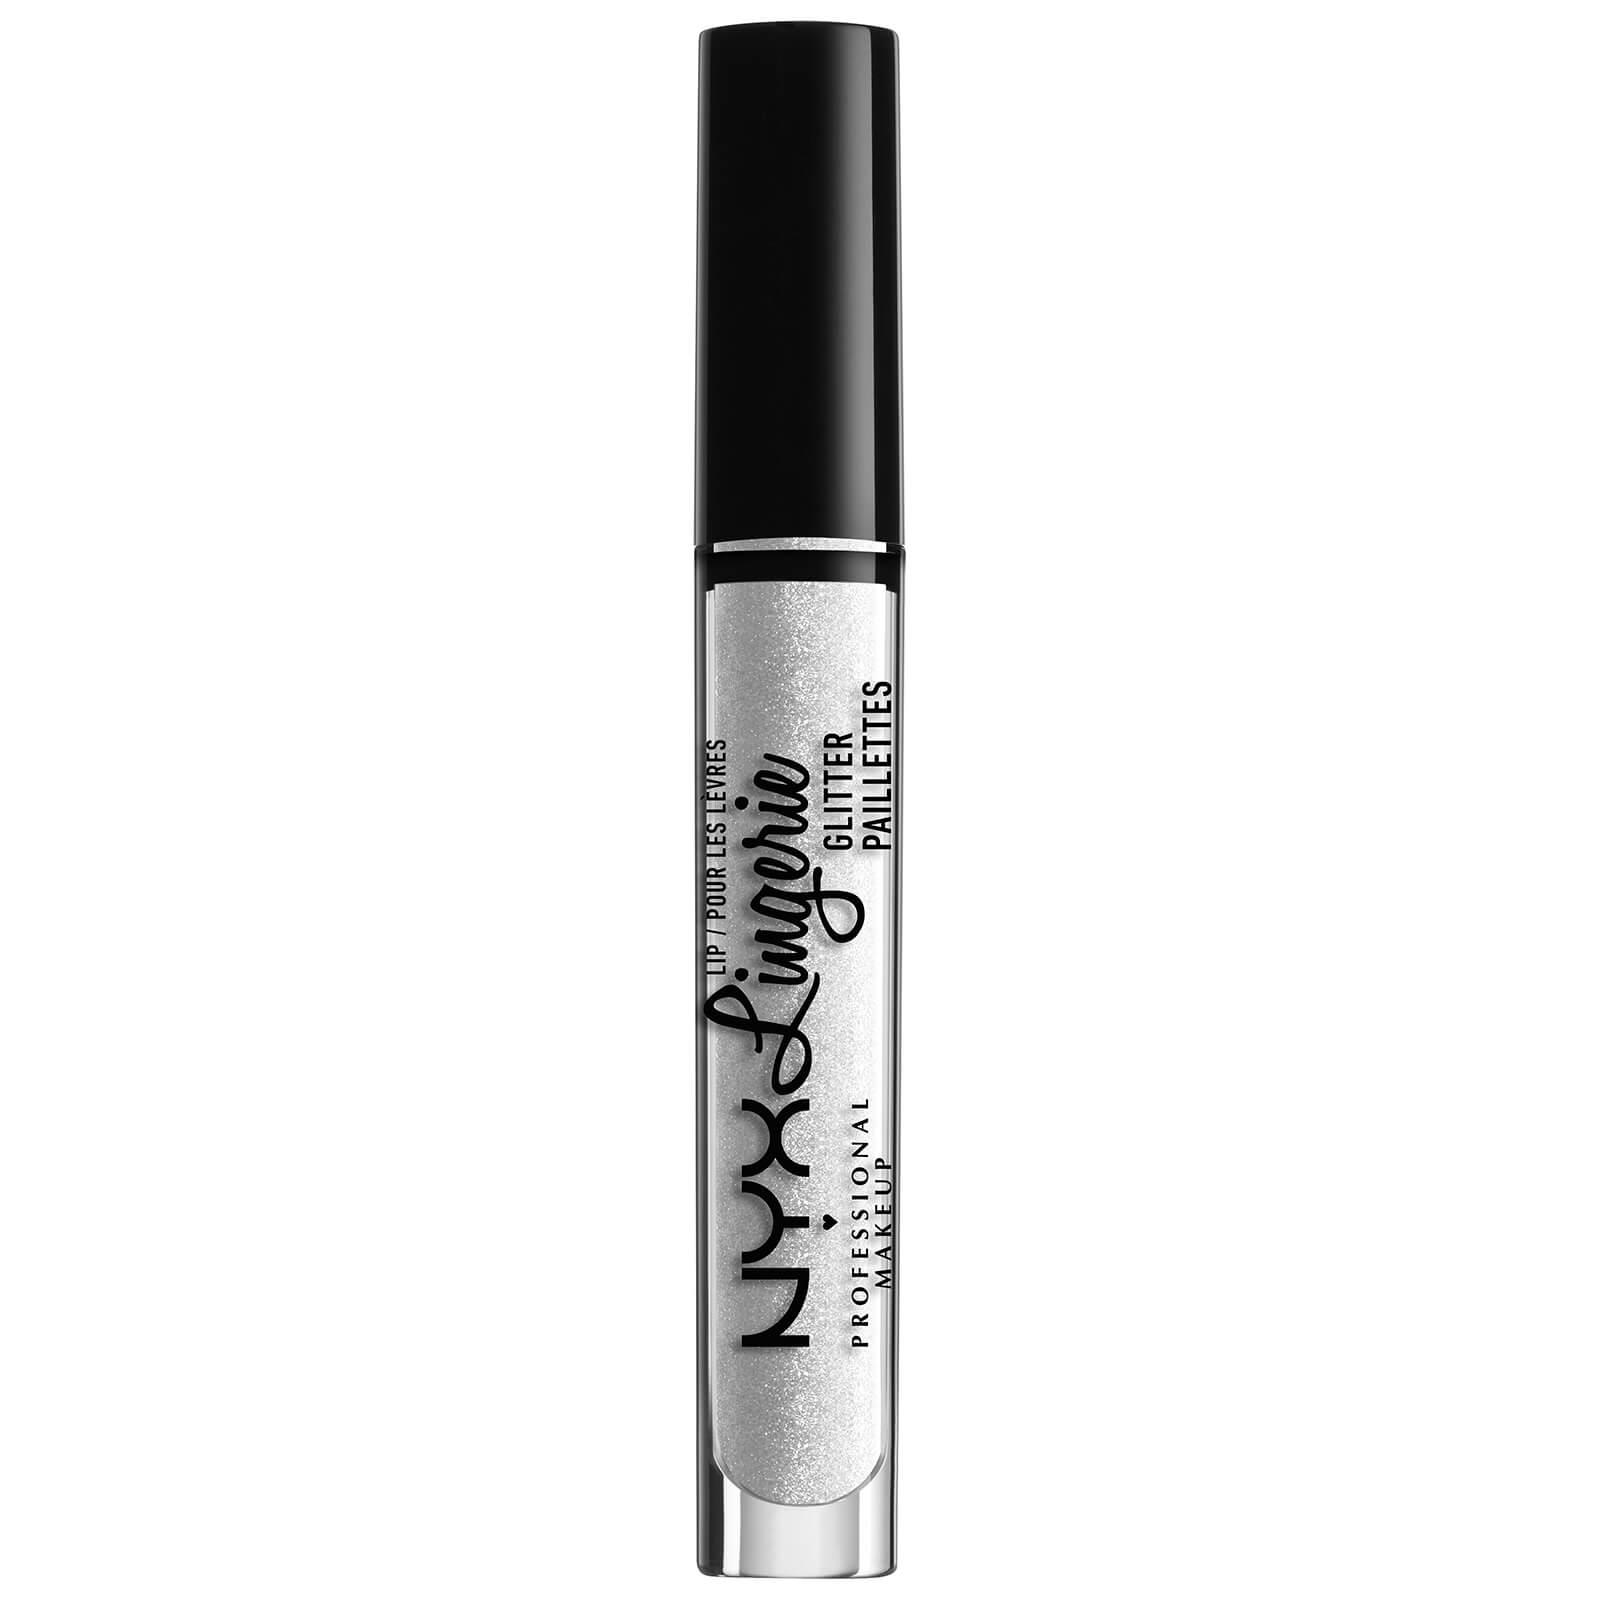 Купить Блеск для губ NYX Professional Makeup Lip Lingerie Glitter 3, 4 мл (различные оттенки) - Clear